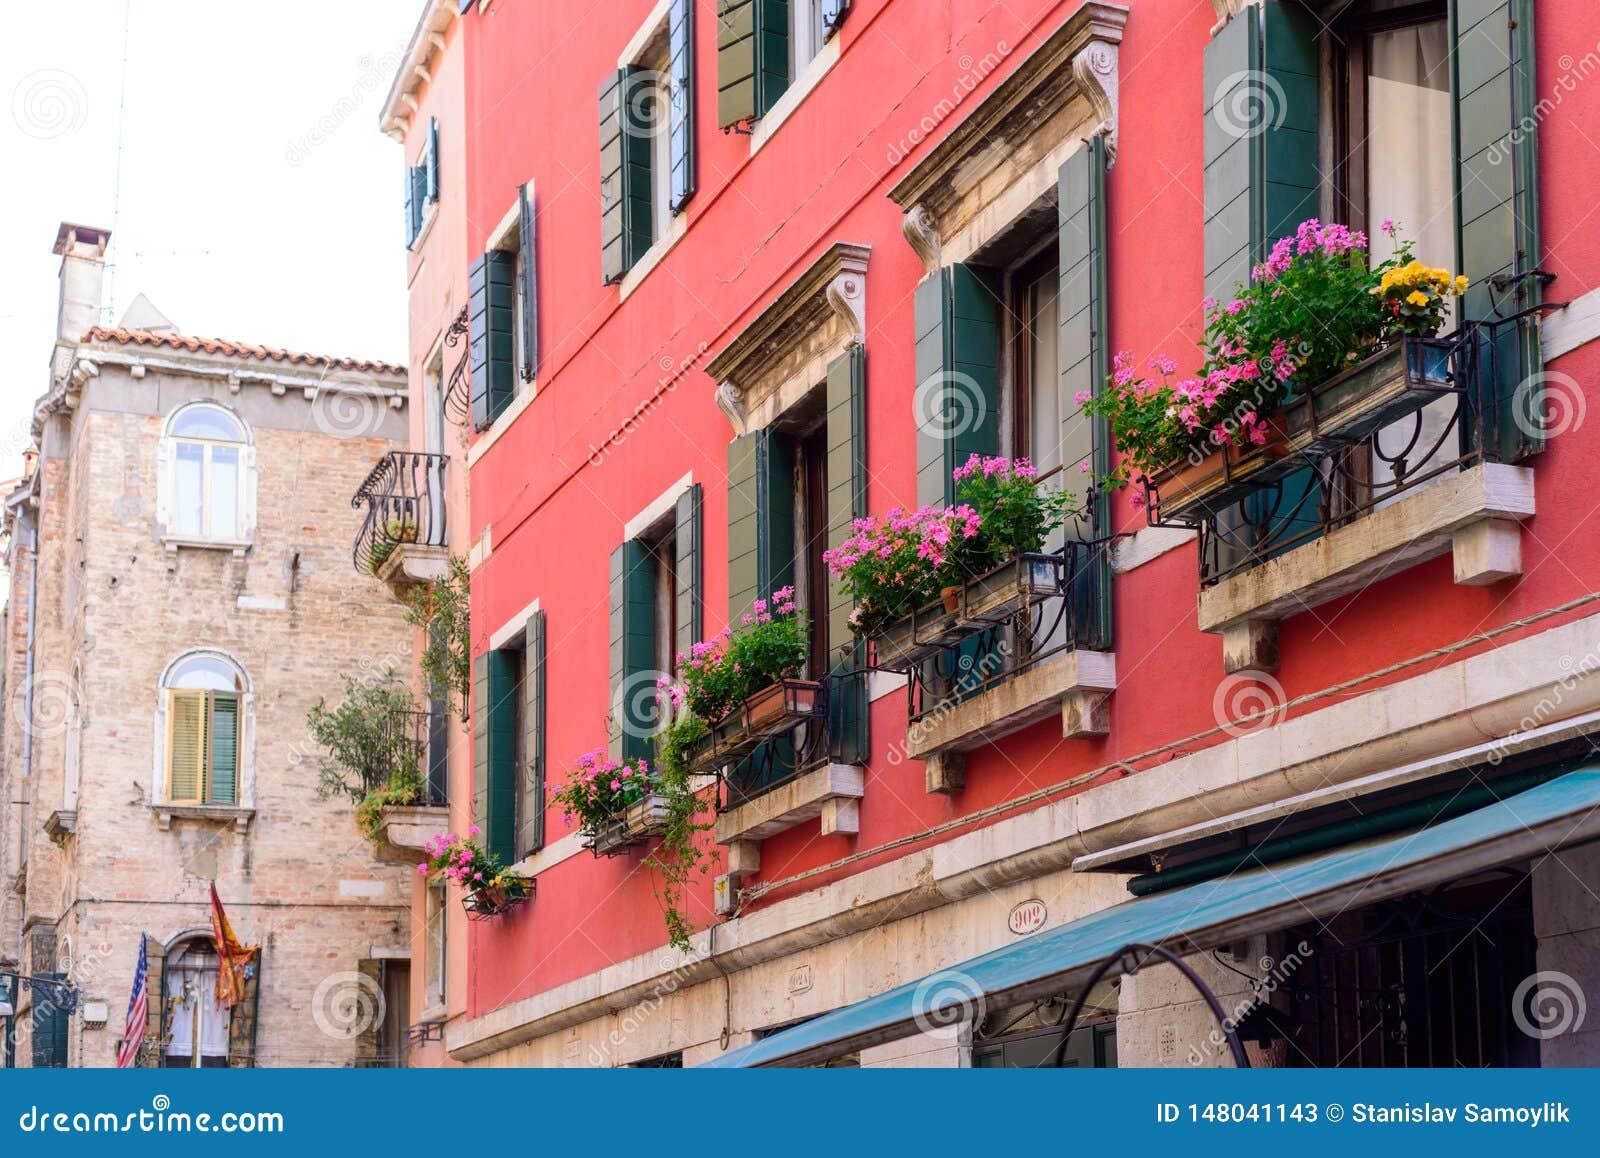 ΒΕΝΕΤΙΑ, ΙΤΑΛΙΑ - ΤΟ ΜΆΙΟ ΤΟΥ 2017: Κιβώτια λουλουδιών κάτω από ένα παράθυρο στη Βενετία, Ιταλία